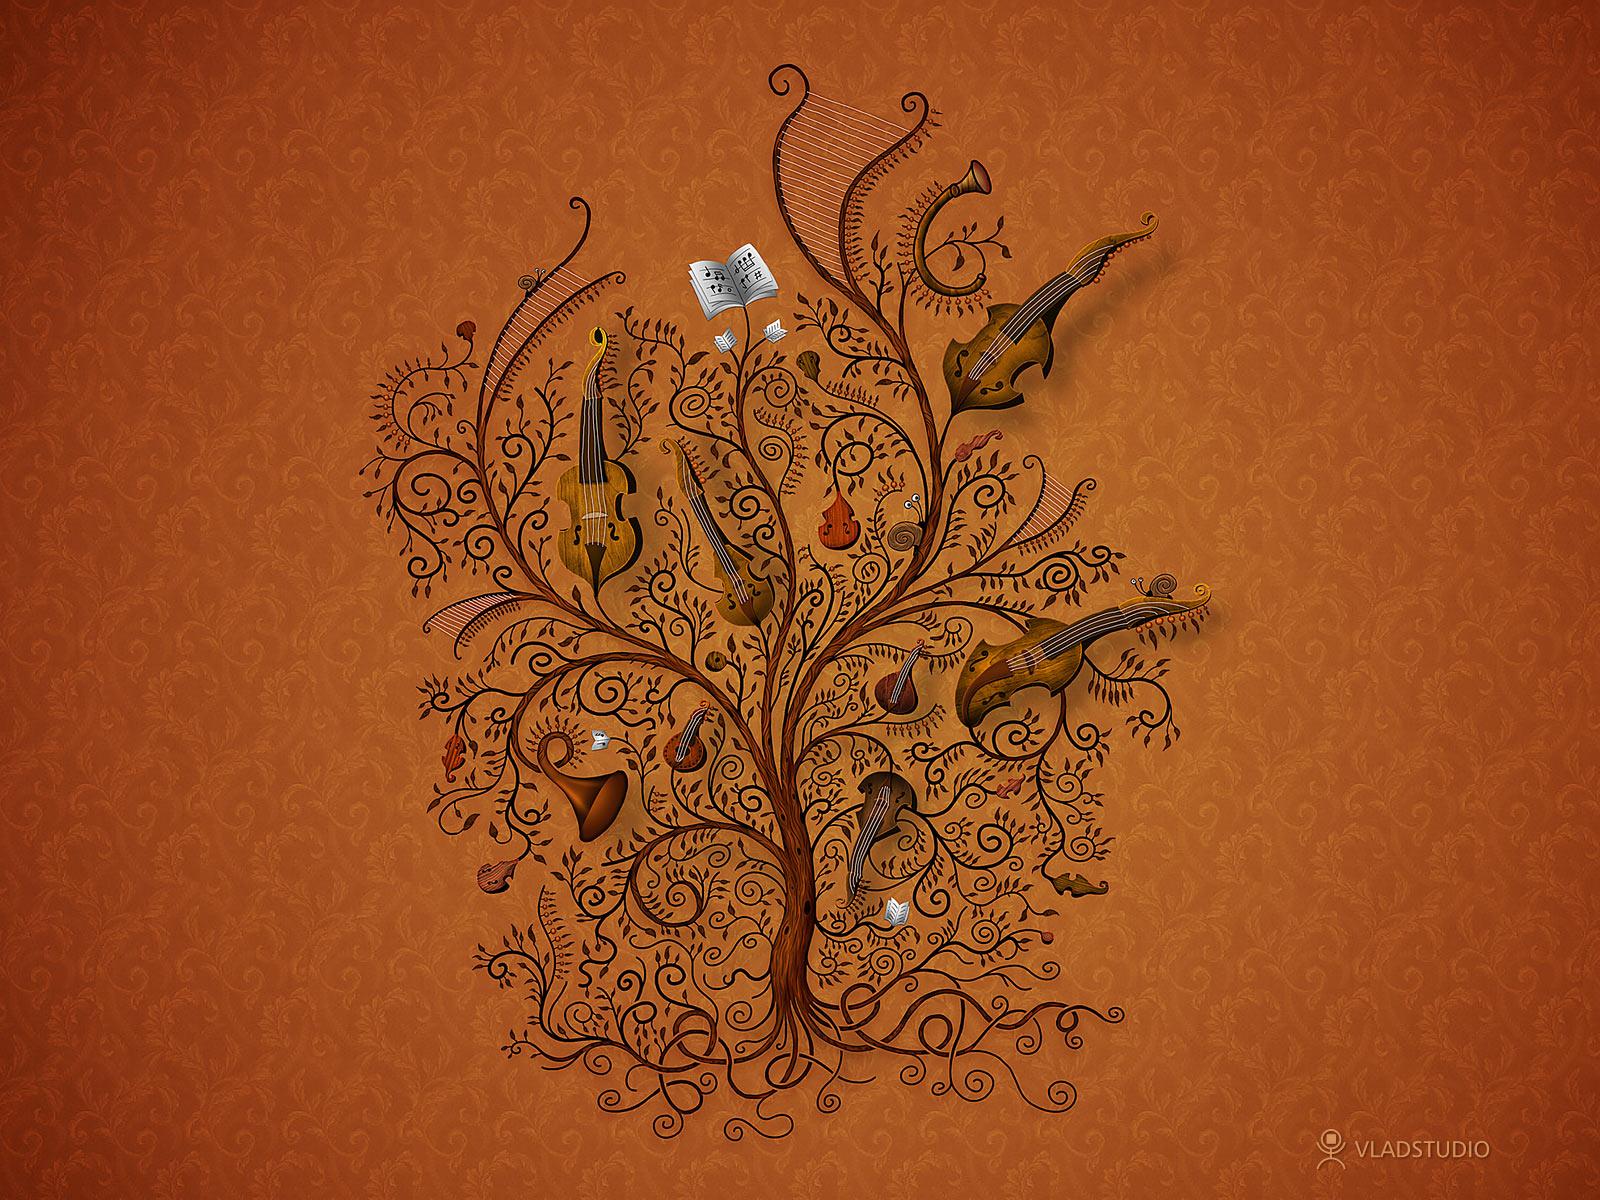 http://1.bp.blogspot.com/-rq5Iulq8knY/Ta9WsAHaXsI/AAAAAAAAHjw/t4M3yQeF9Q4/s1600/Orchestra_Tree_3D_Cartoon_Design.jpg